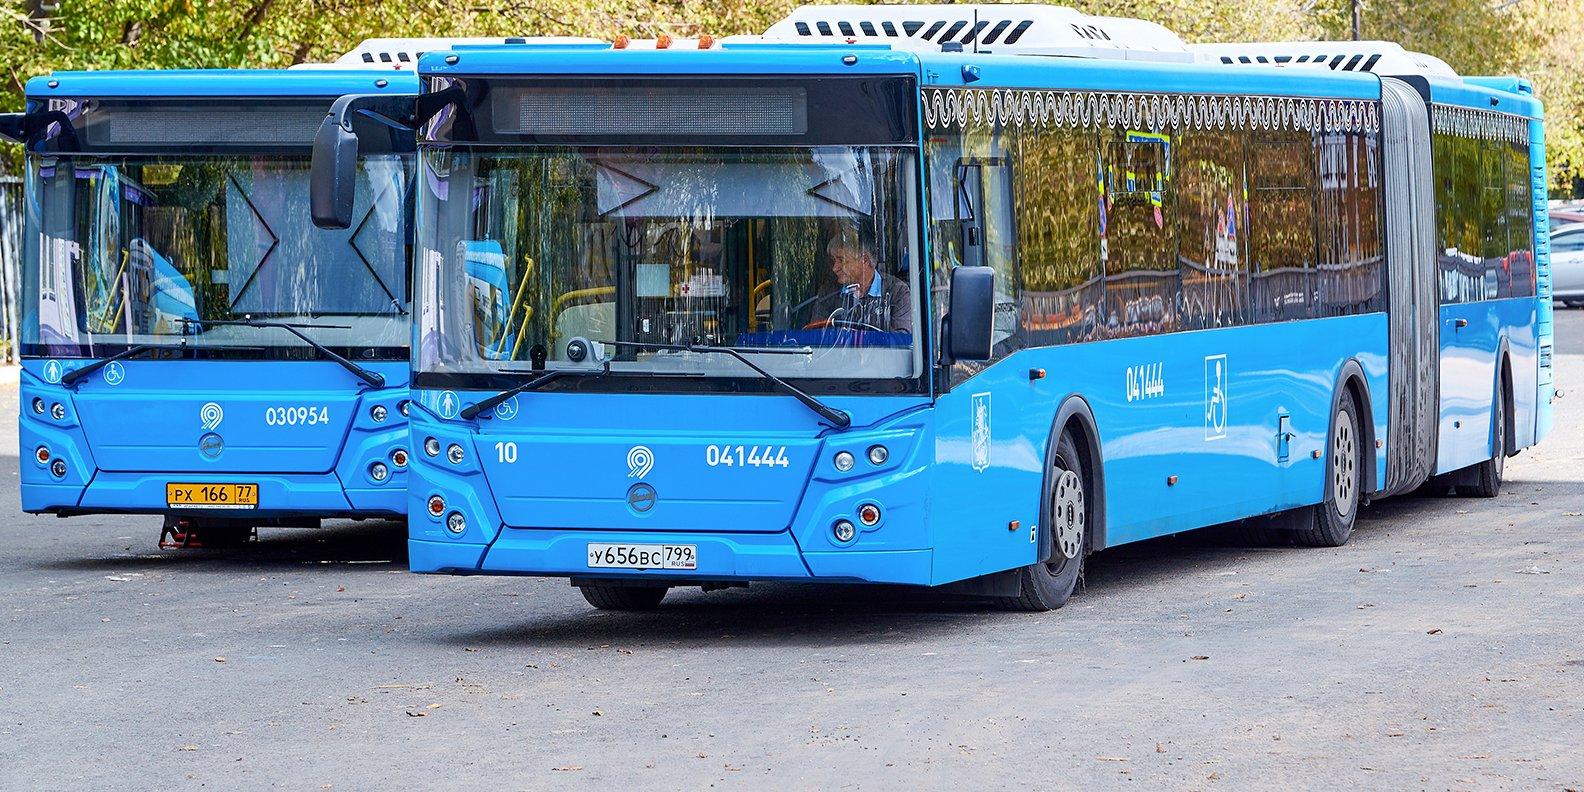 У нескольких автобусов в Останкине изменятся маршруты 28 ноября